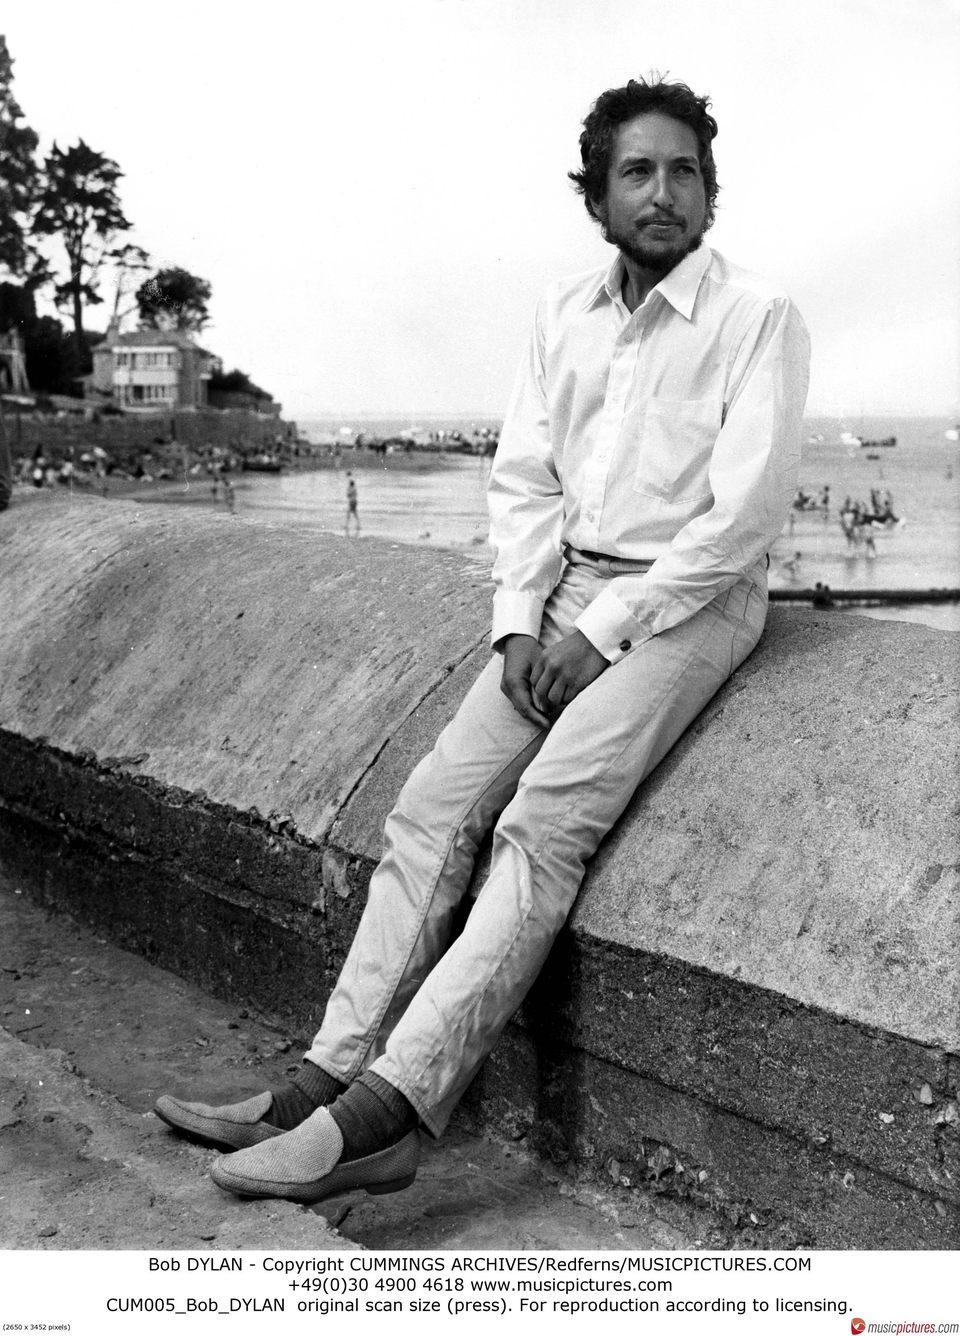 Dokument Hudba, která ovlivnila Boba Dylana